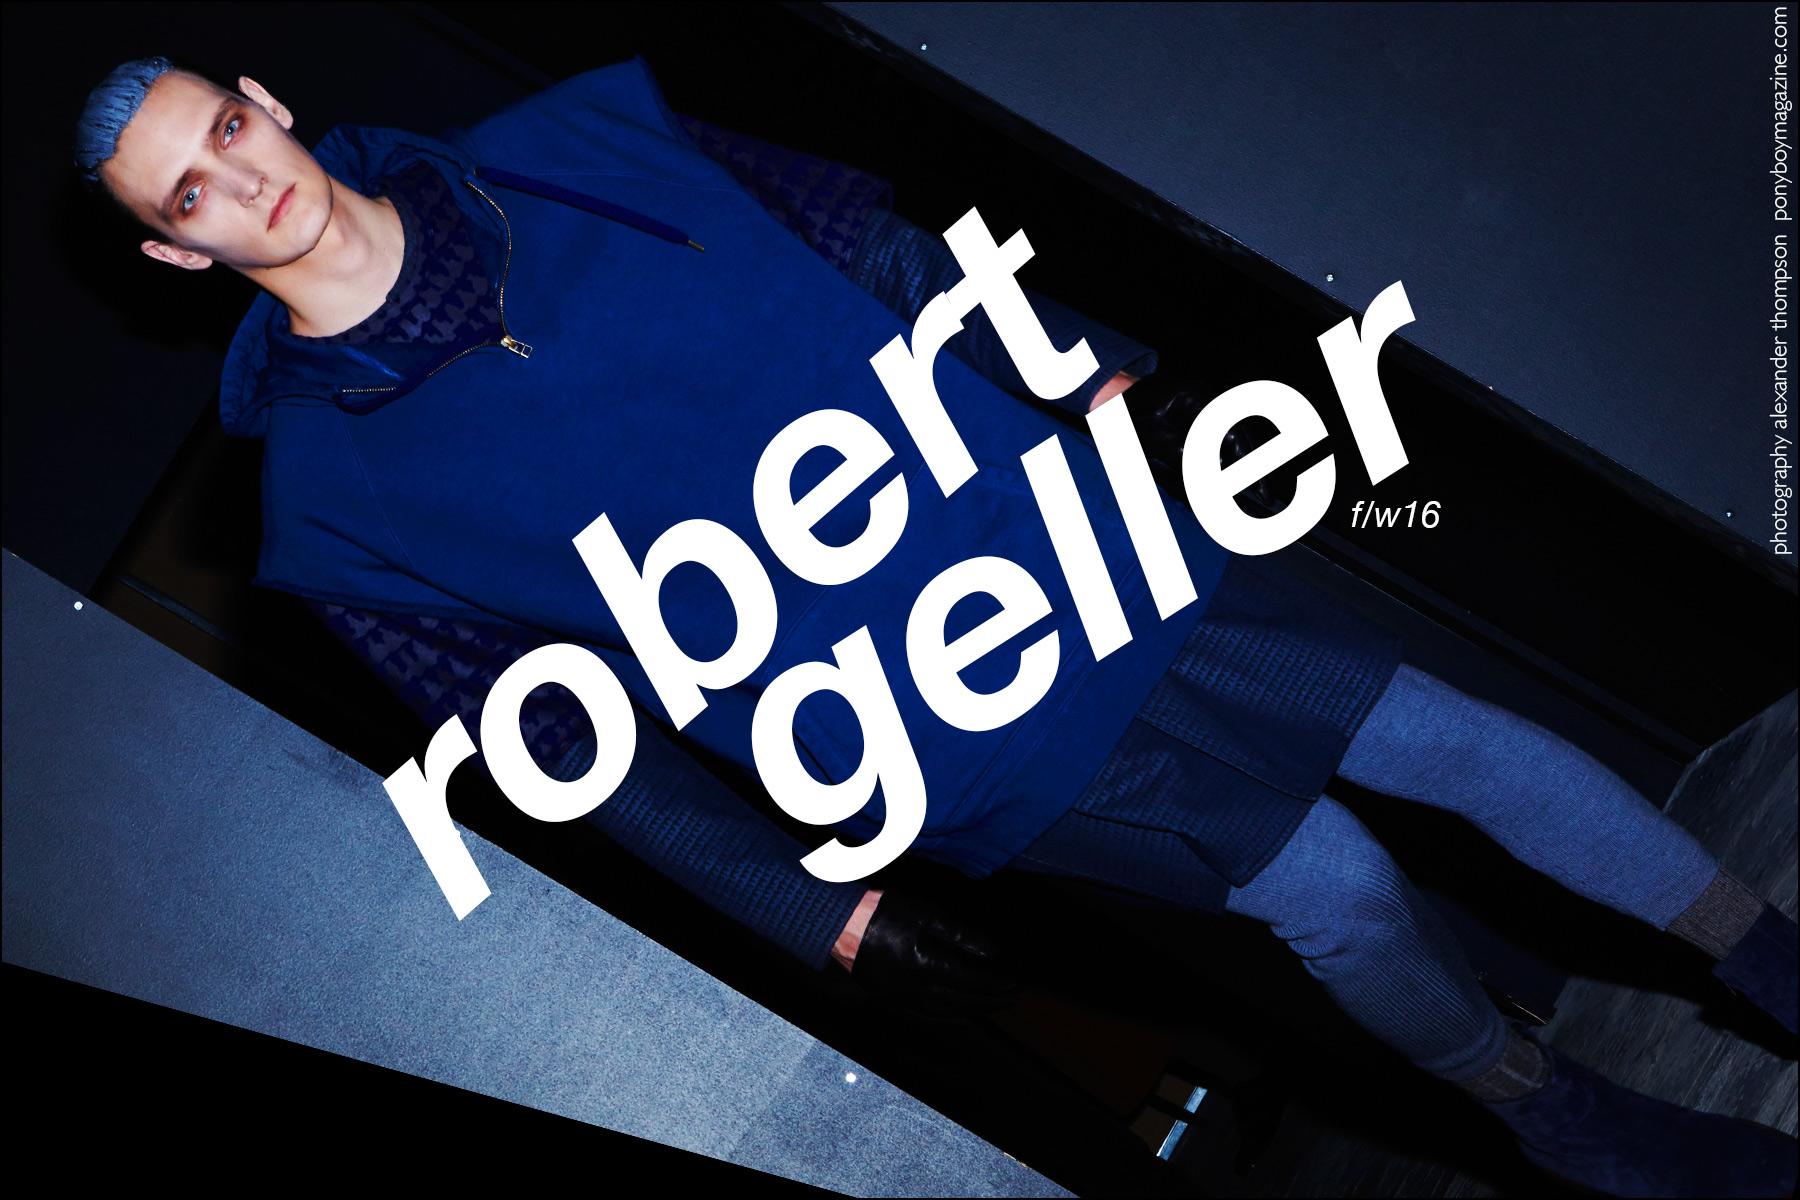 Robert-Geller-FW16-OPENER-1F.jpg